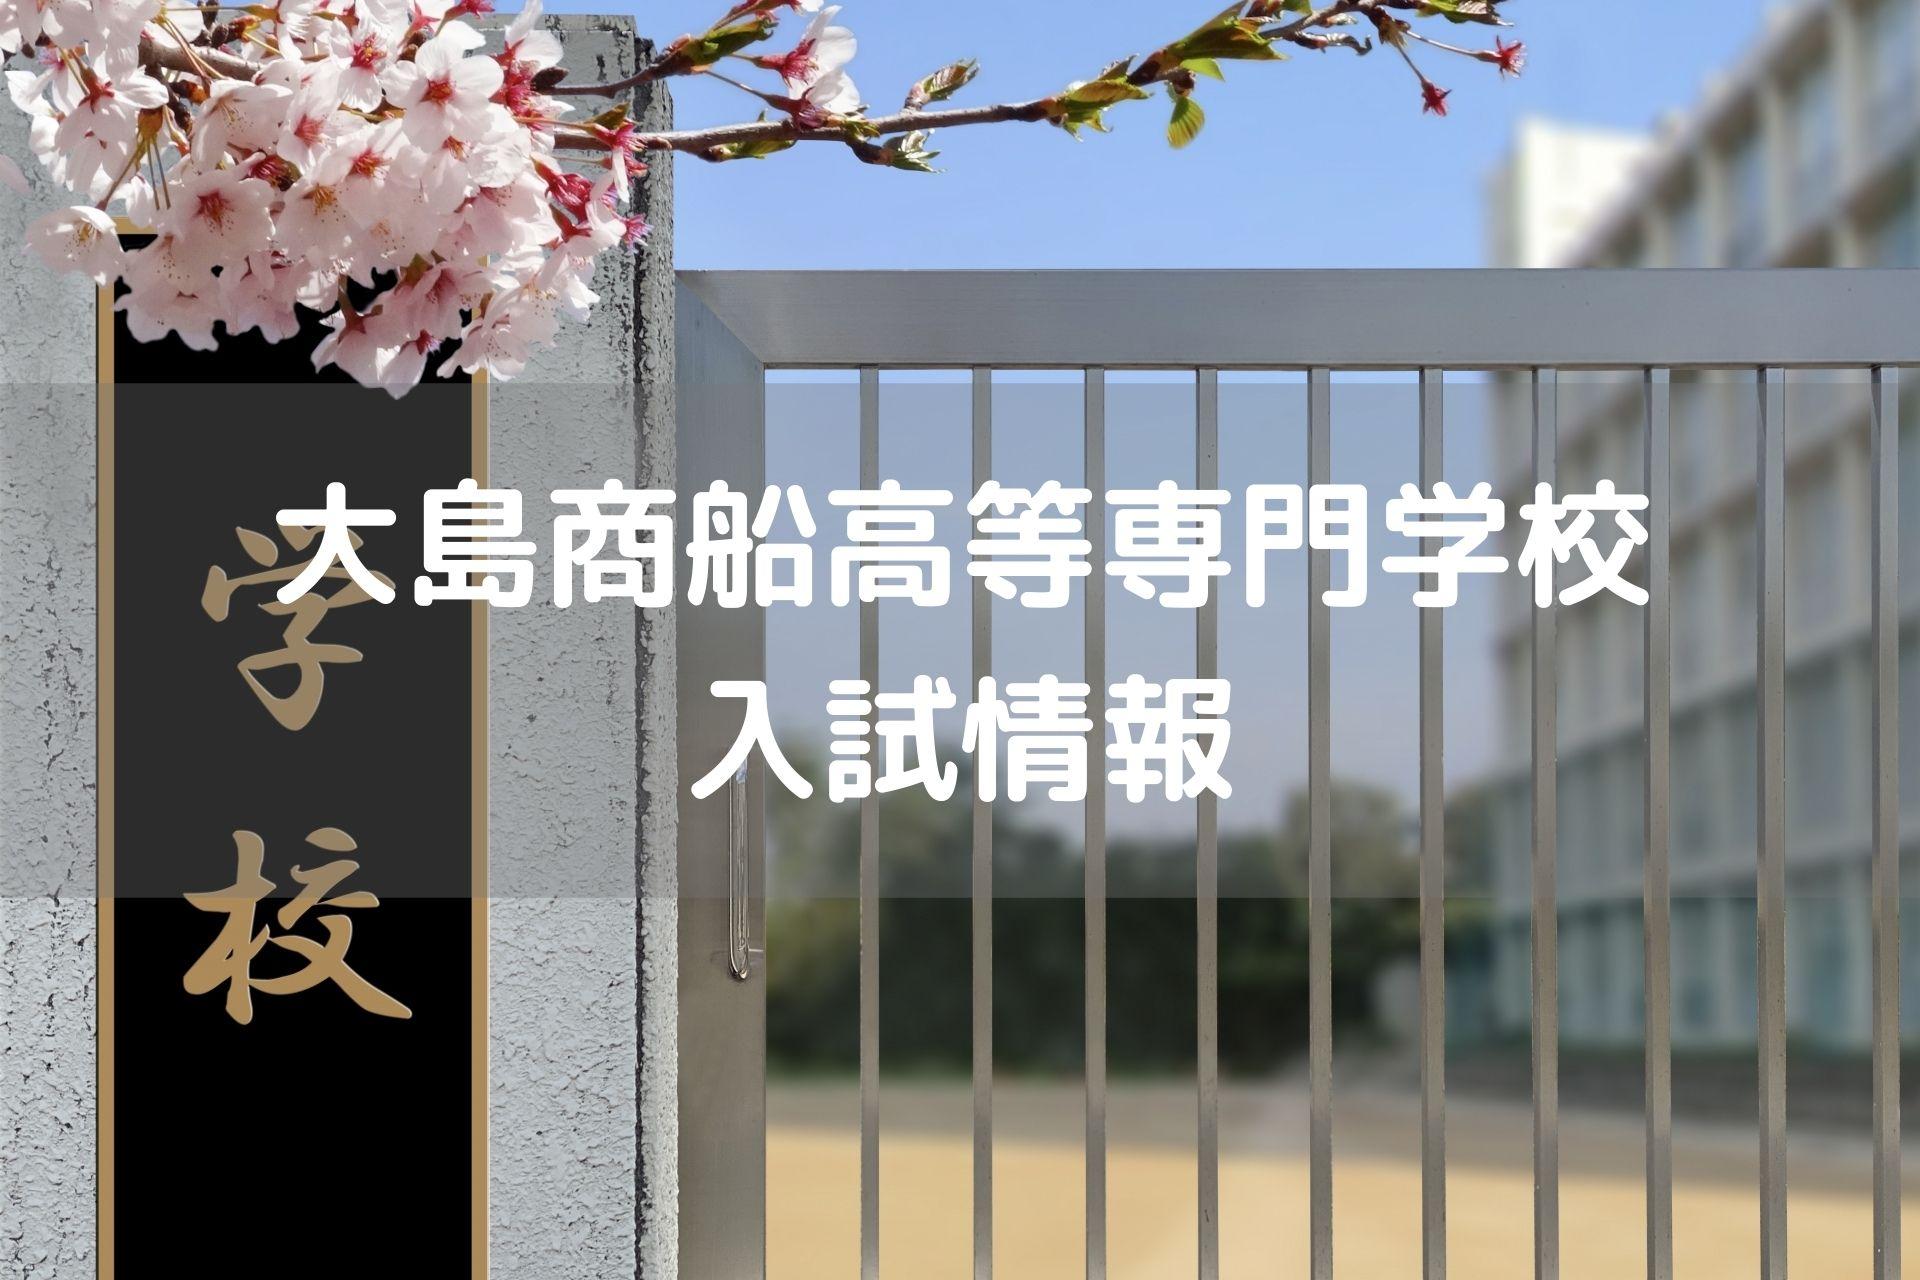 大島高専の入試情報